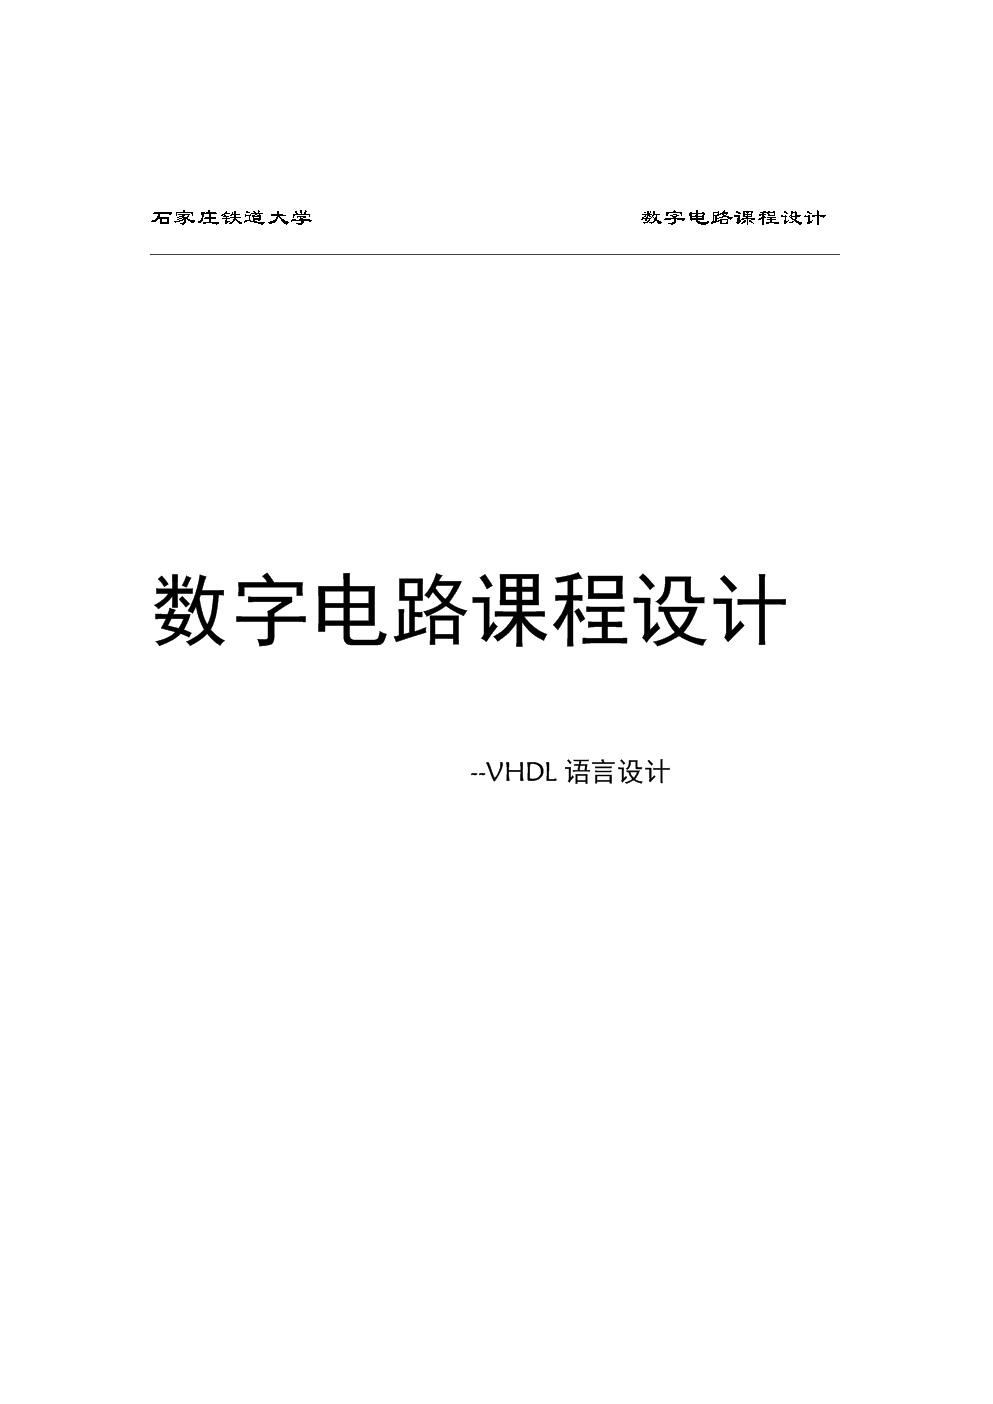 完整word版数字密码器的设计VHDL语言.doc